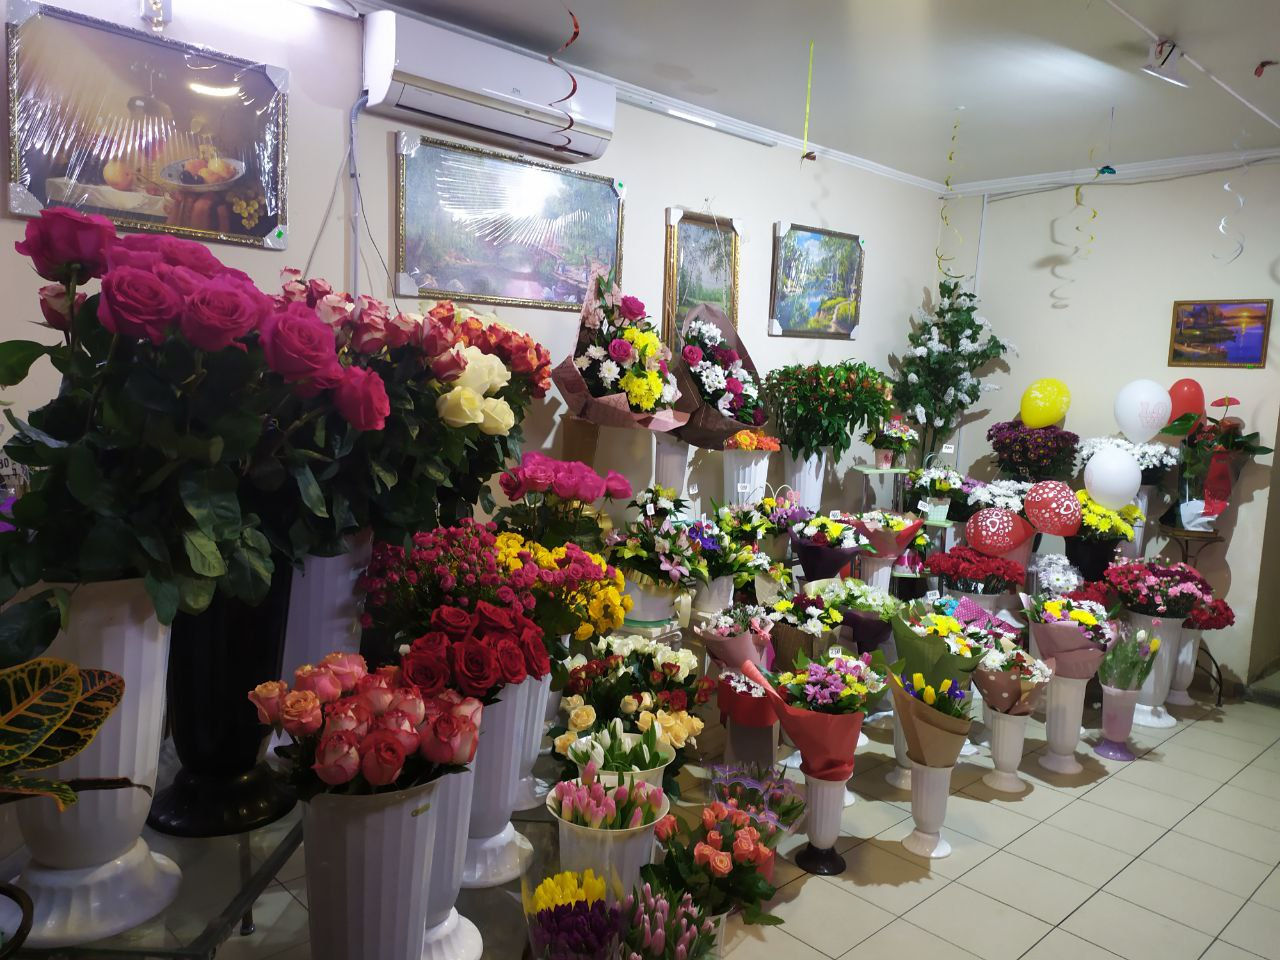 Київщина іn love: що найчастіше дарують коханим у 2021 році - ціни, подарунки, День Святого Валентина, День всіх закоханих - photo5278603880566993537